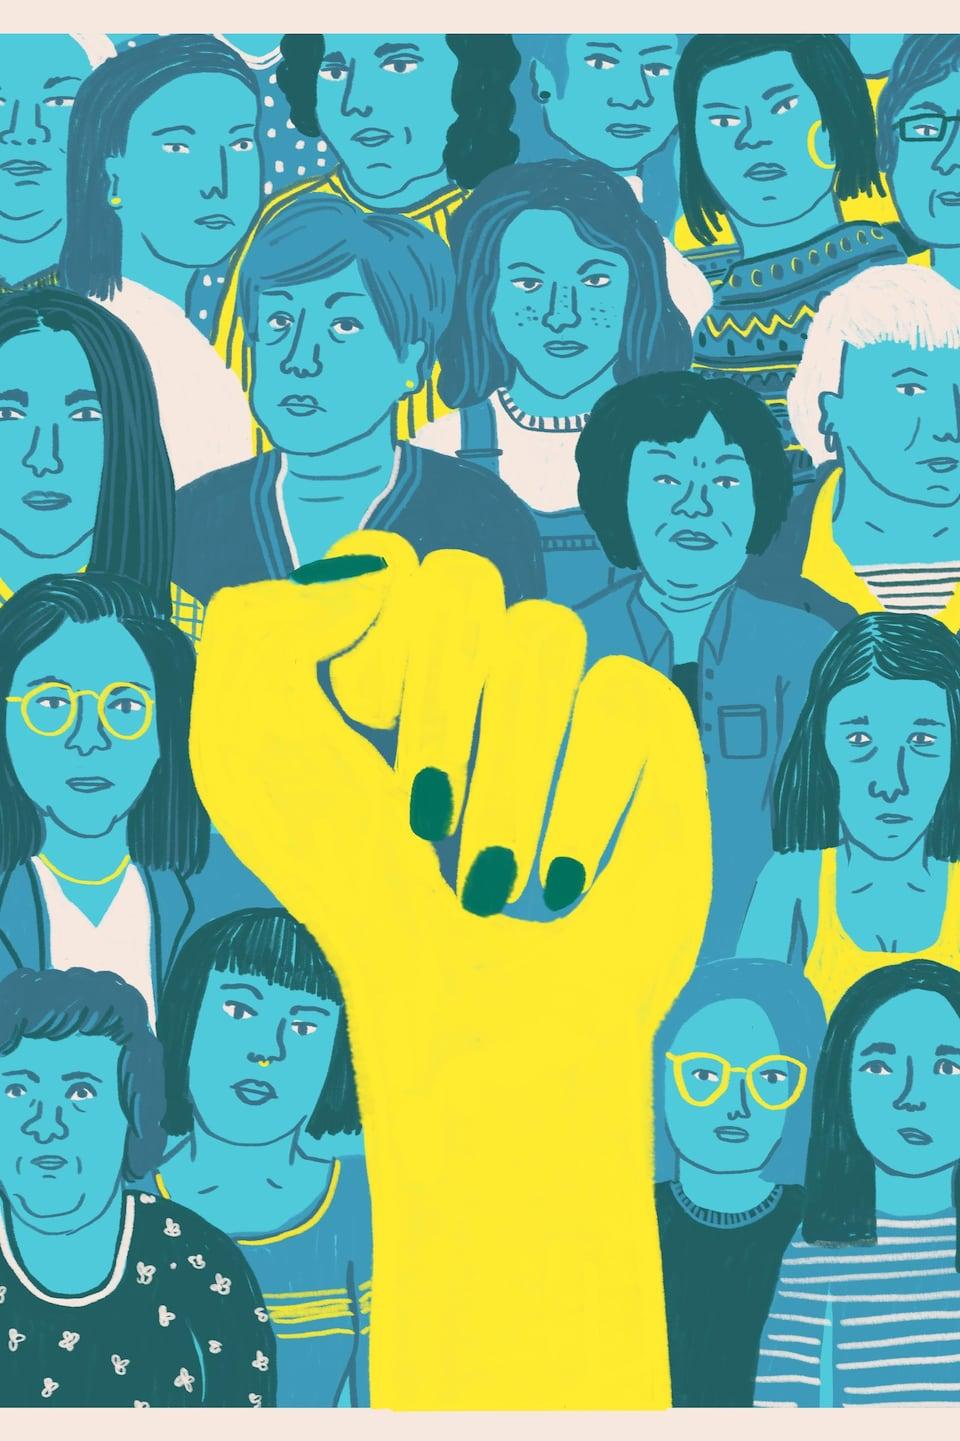 Un point fermé comme symbole de solidarité avec les femmes autochtones.